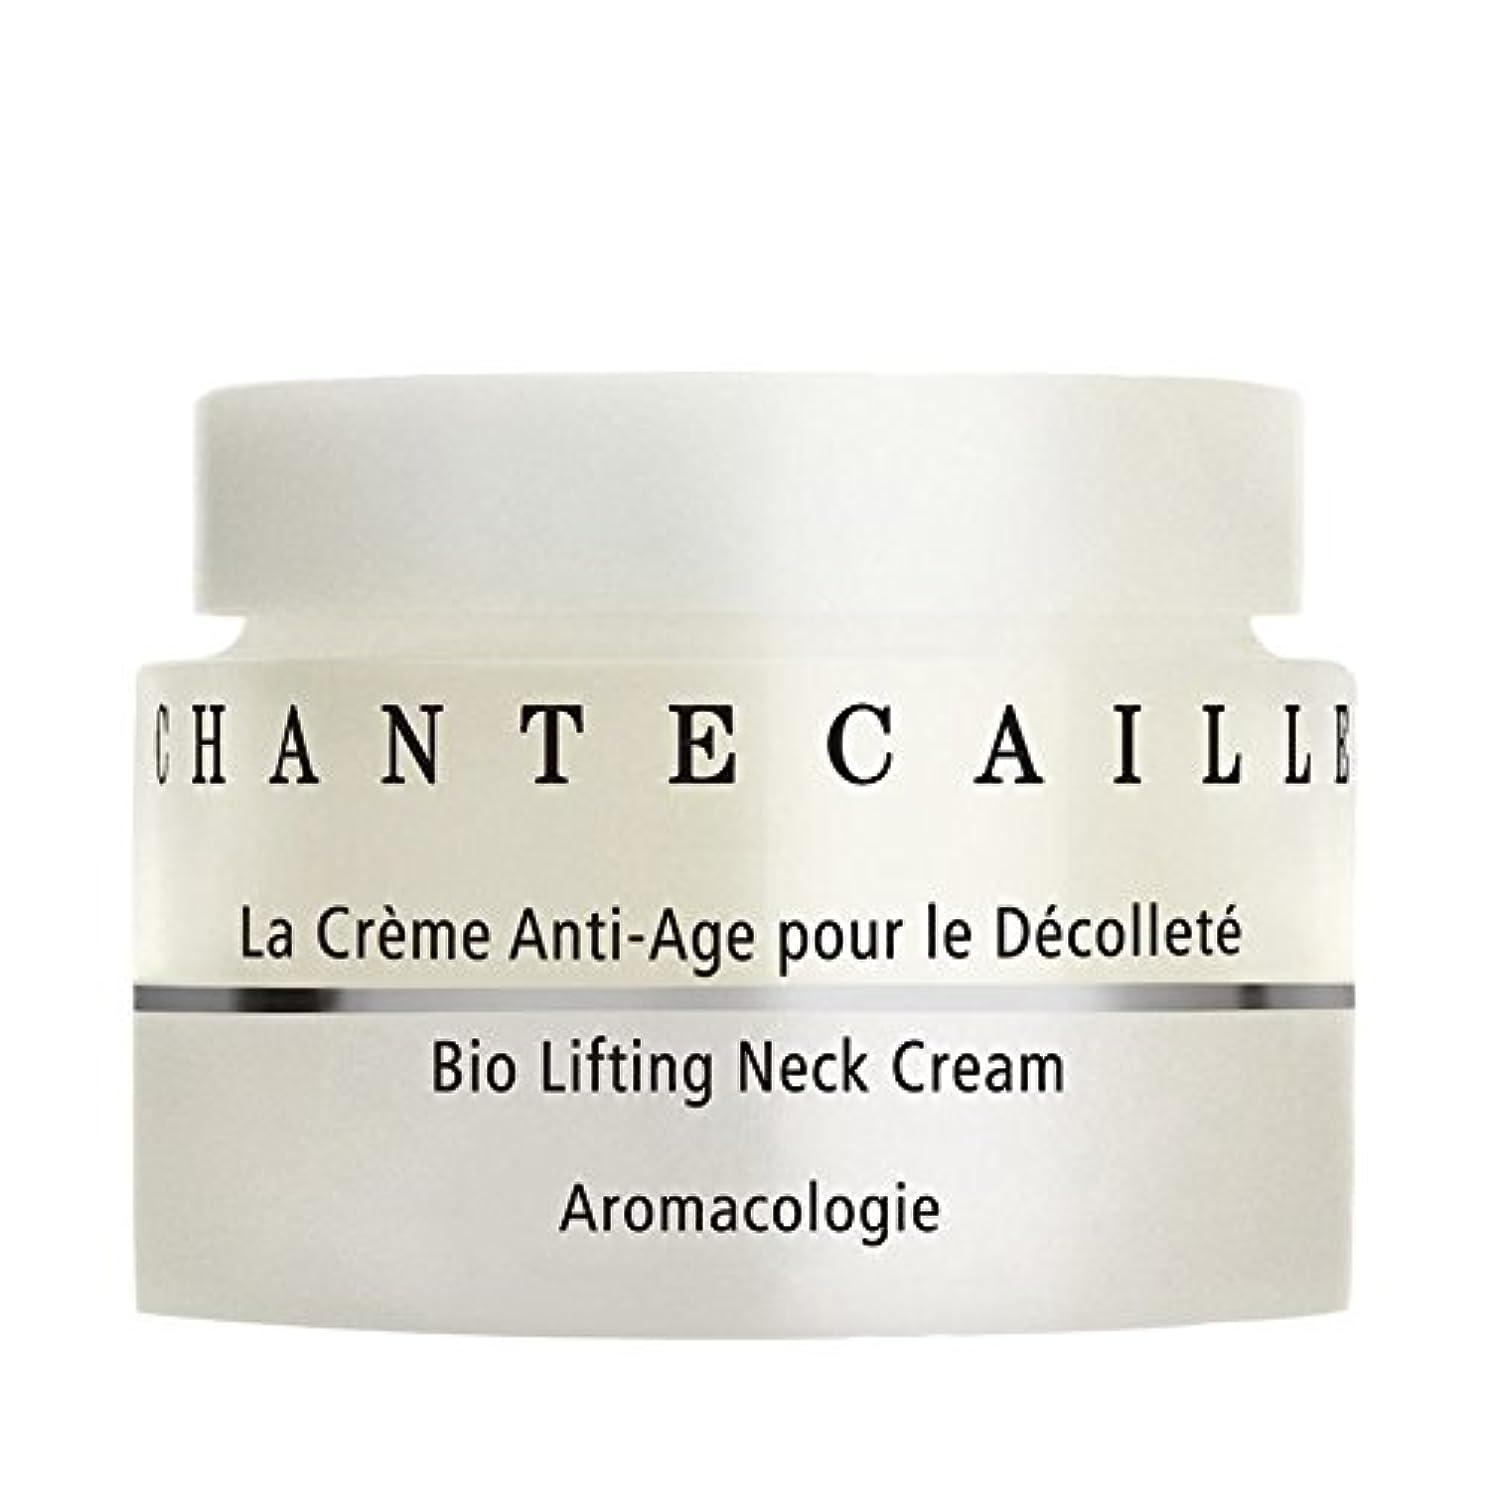 トラフィックブラウン花火Chantecaille Biodynamic Lifting Neck Cream, Chantecaille - シャンテカイユバイオダイナミックリフティングネッククリーム、シャンテカイユ [並行輸入品]